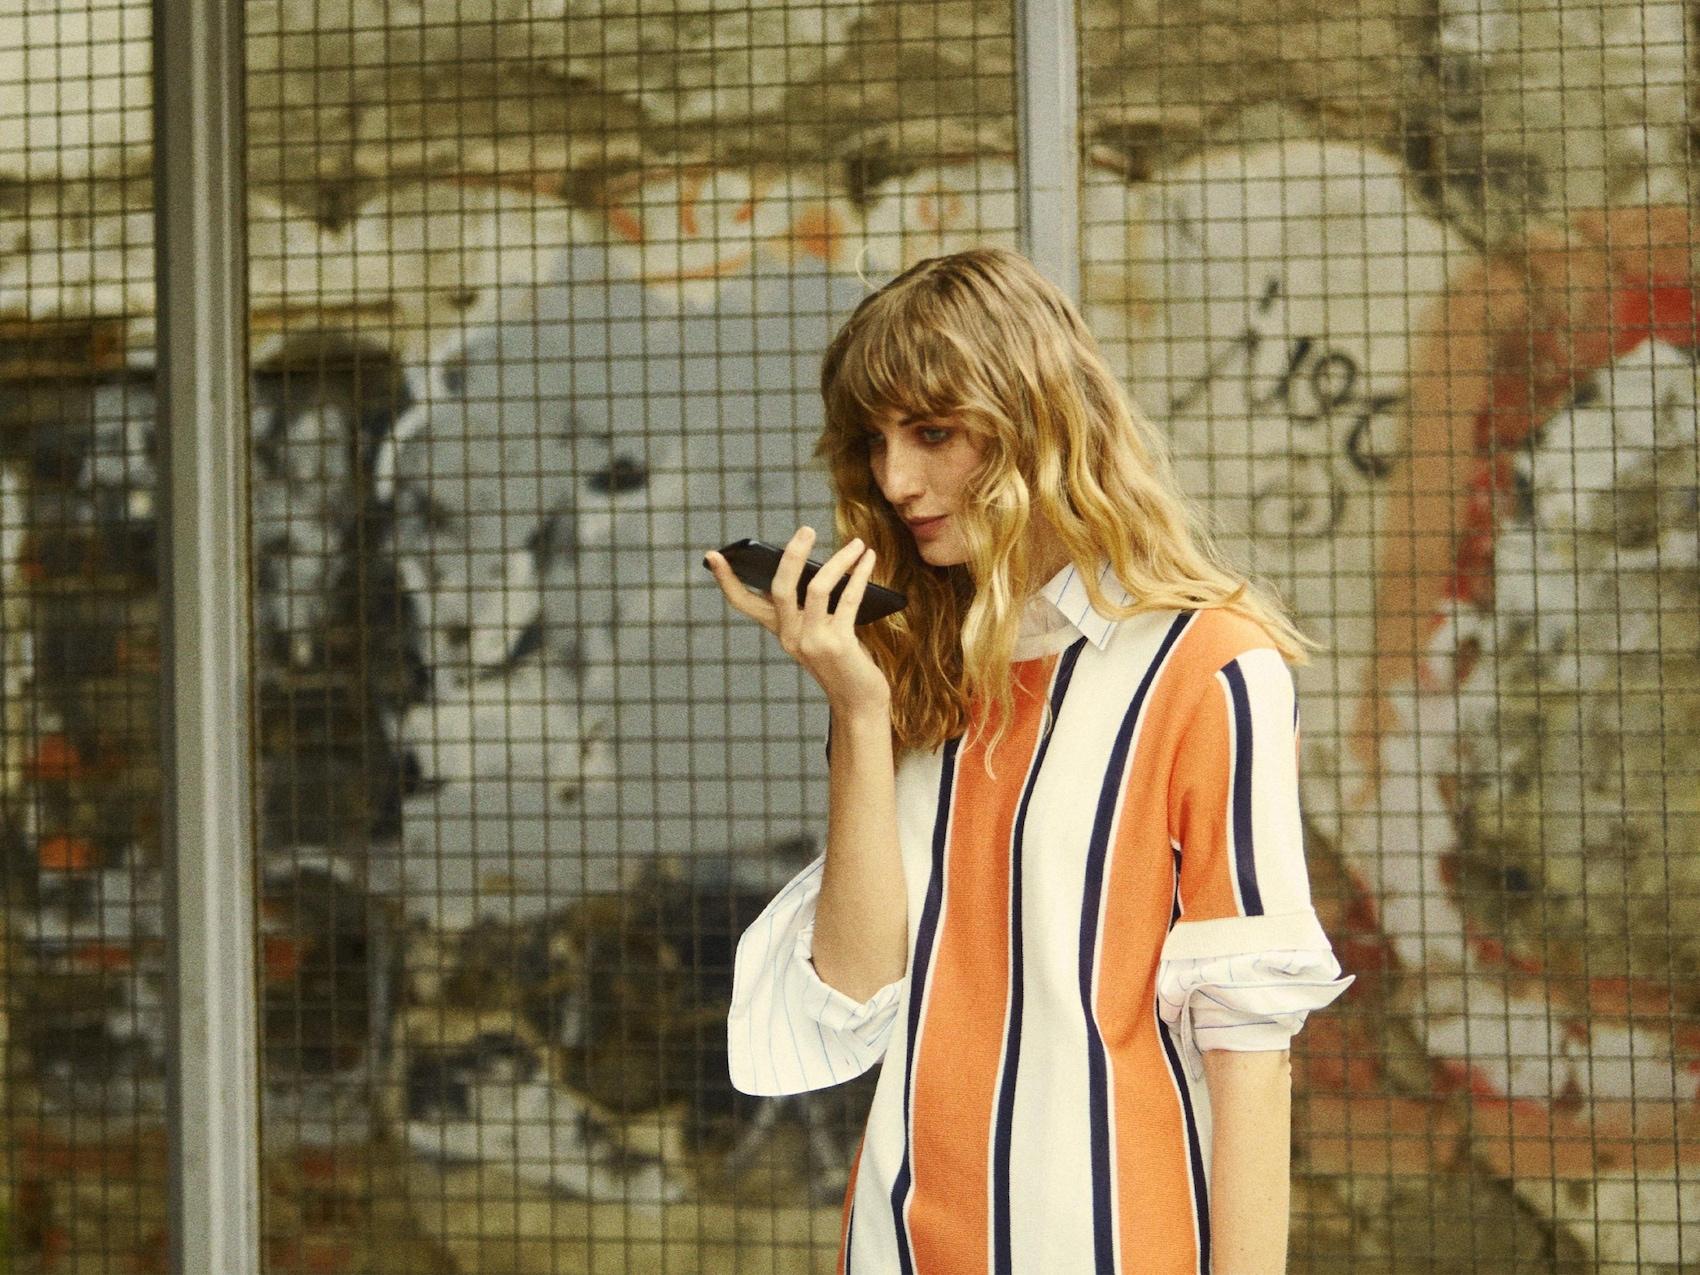 Une jeune femme avec son smartphone devant une grille.